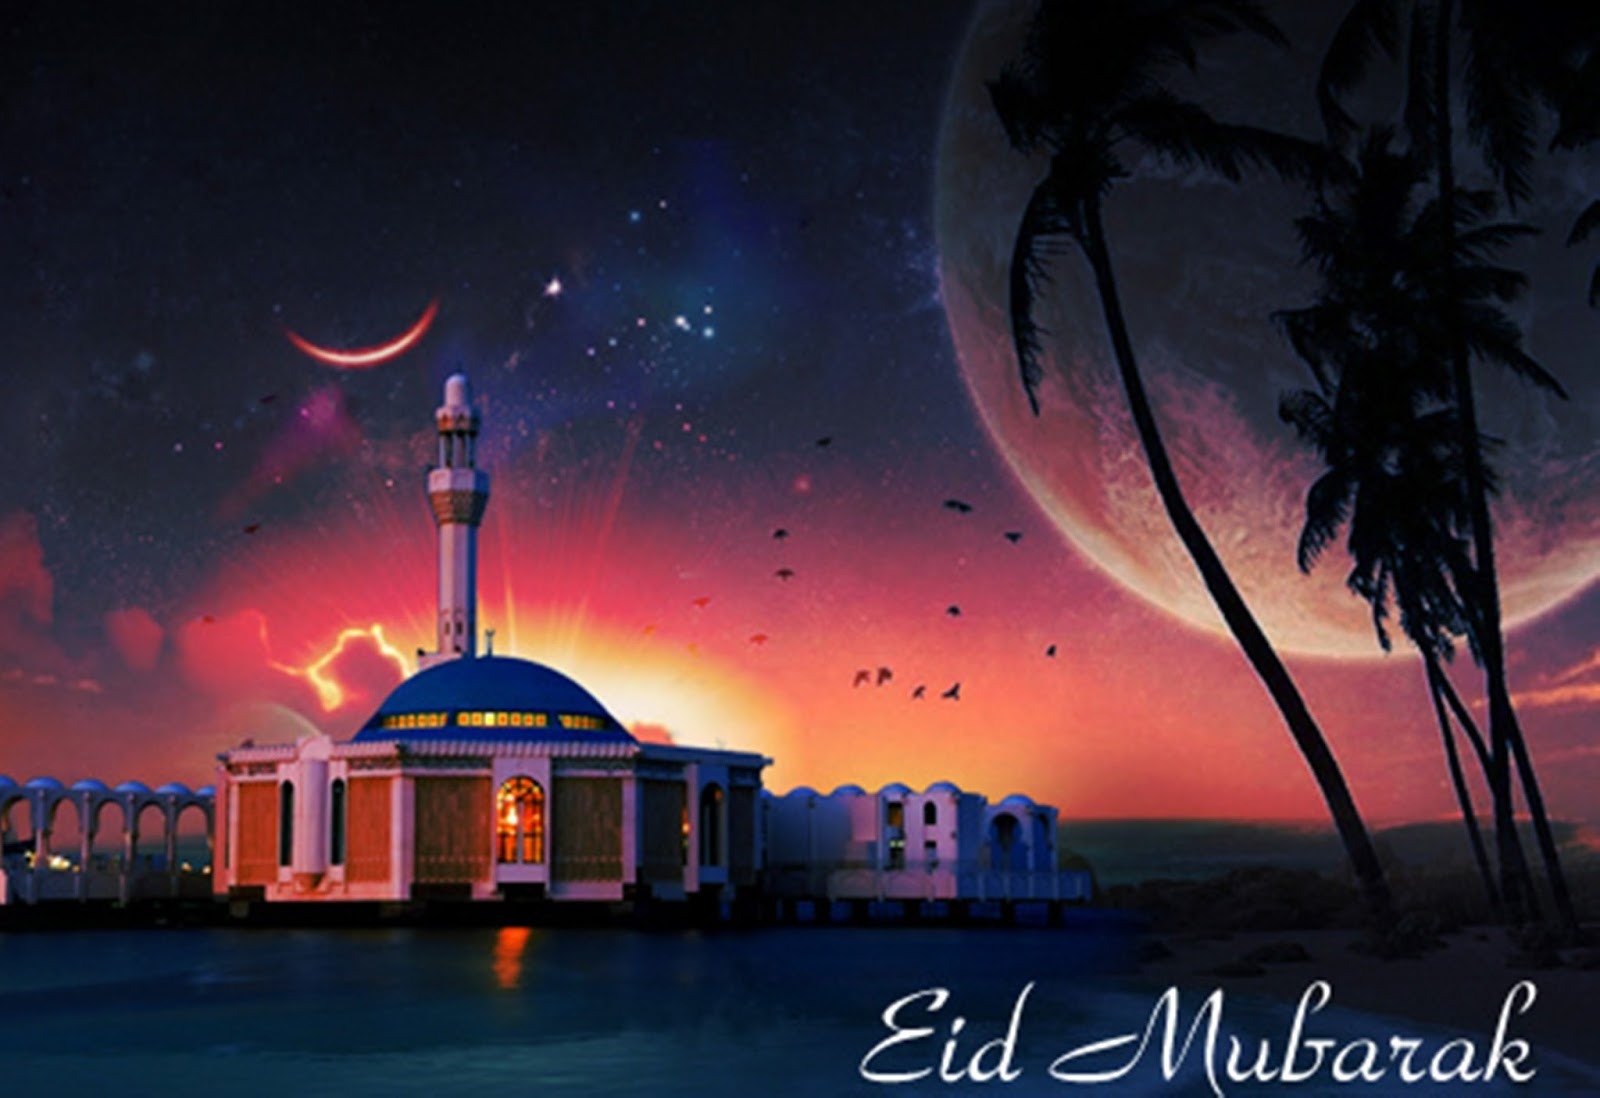 eid-mubarik hd images 2015